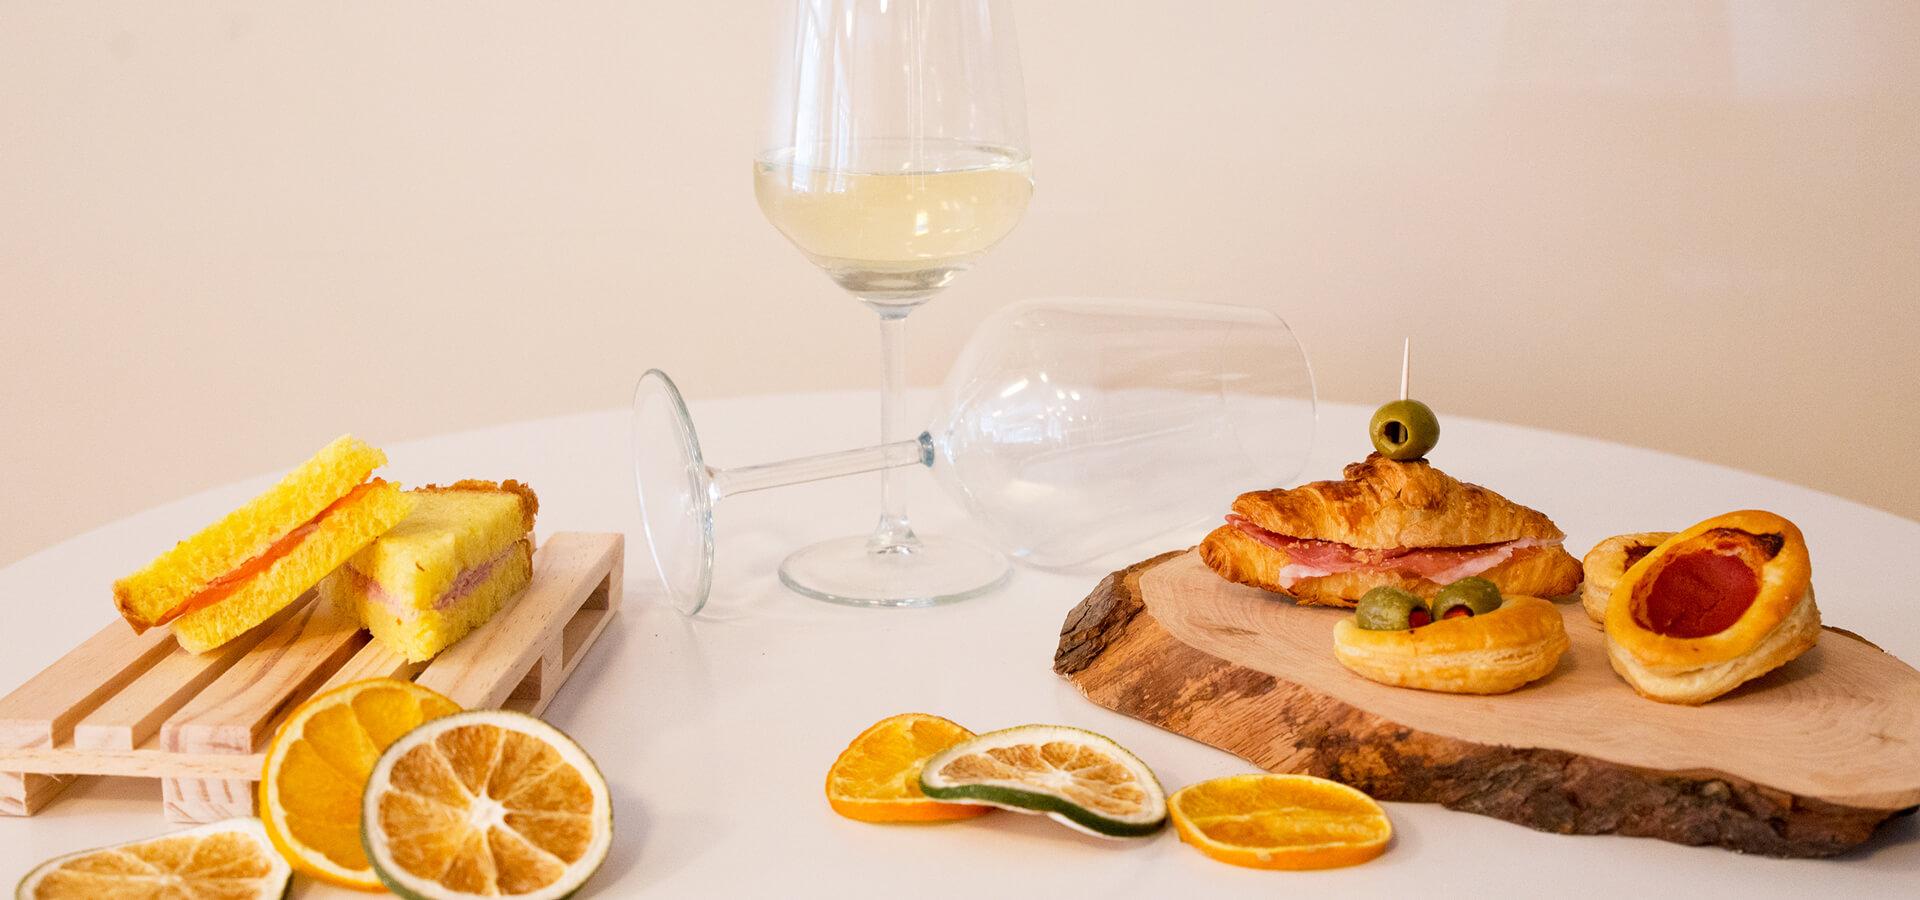 Aperitivi salati - Pasticceria Acquario